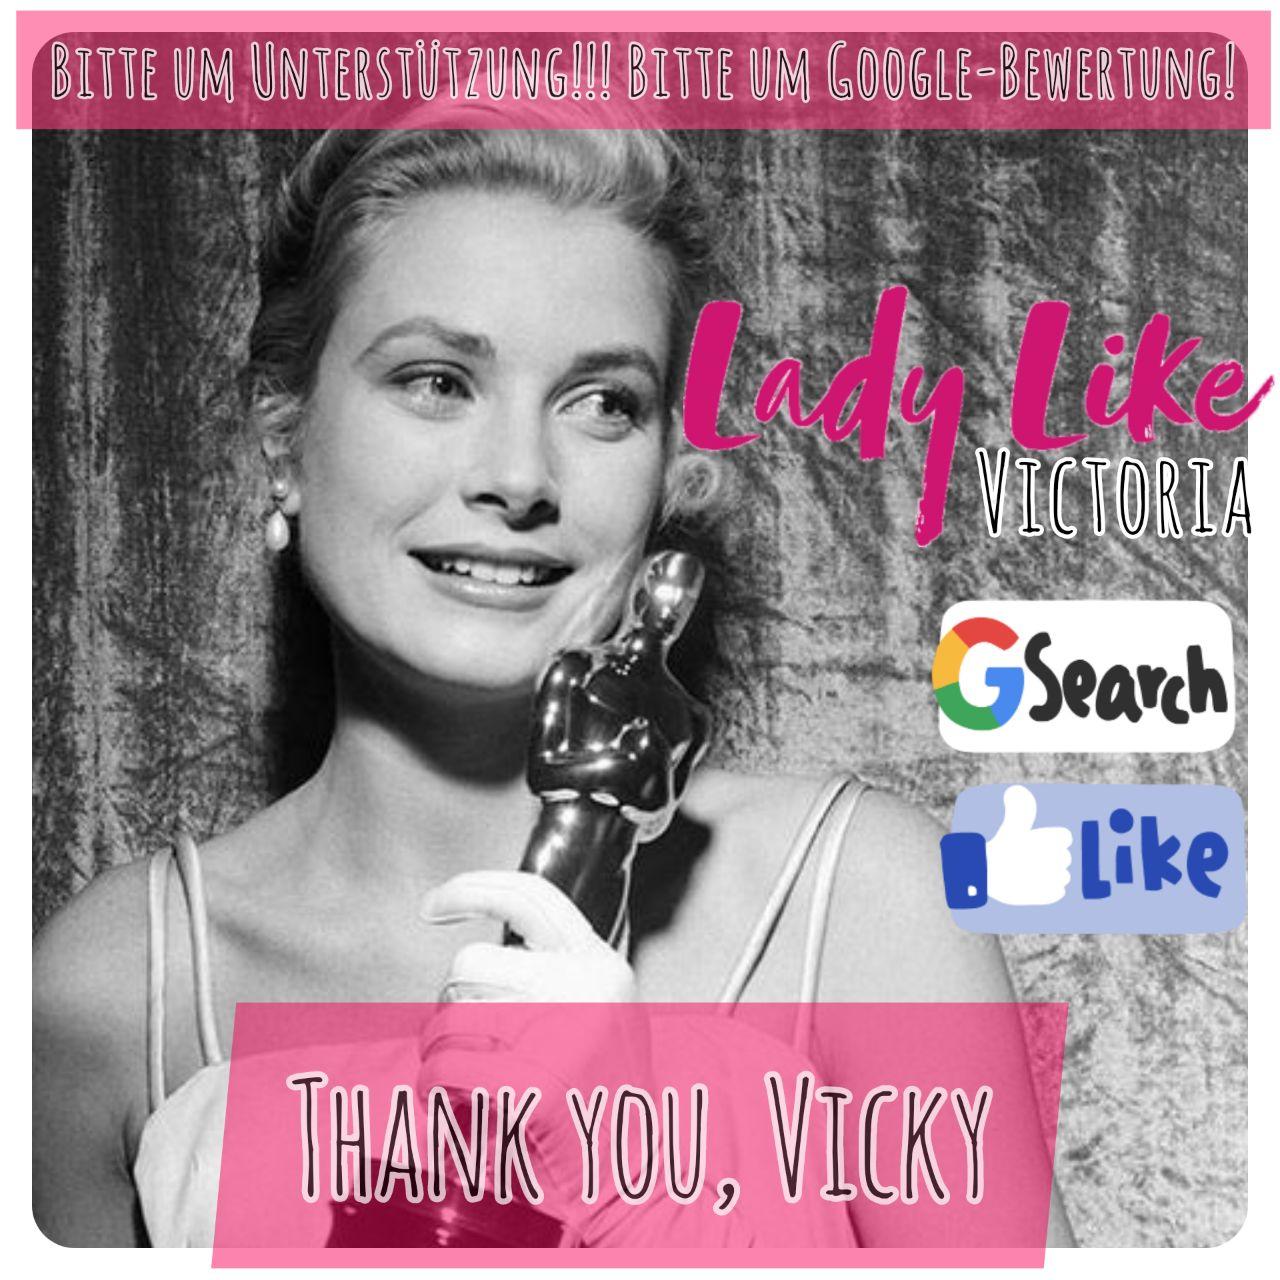 Bitte unterstützen Sie LadyLikeVictoria auf Facebook und Instagram!